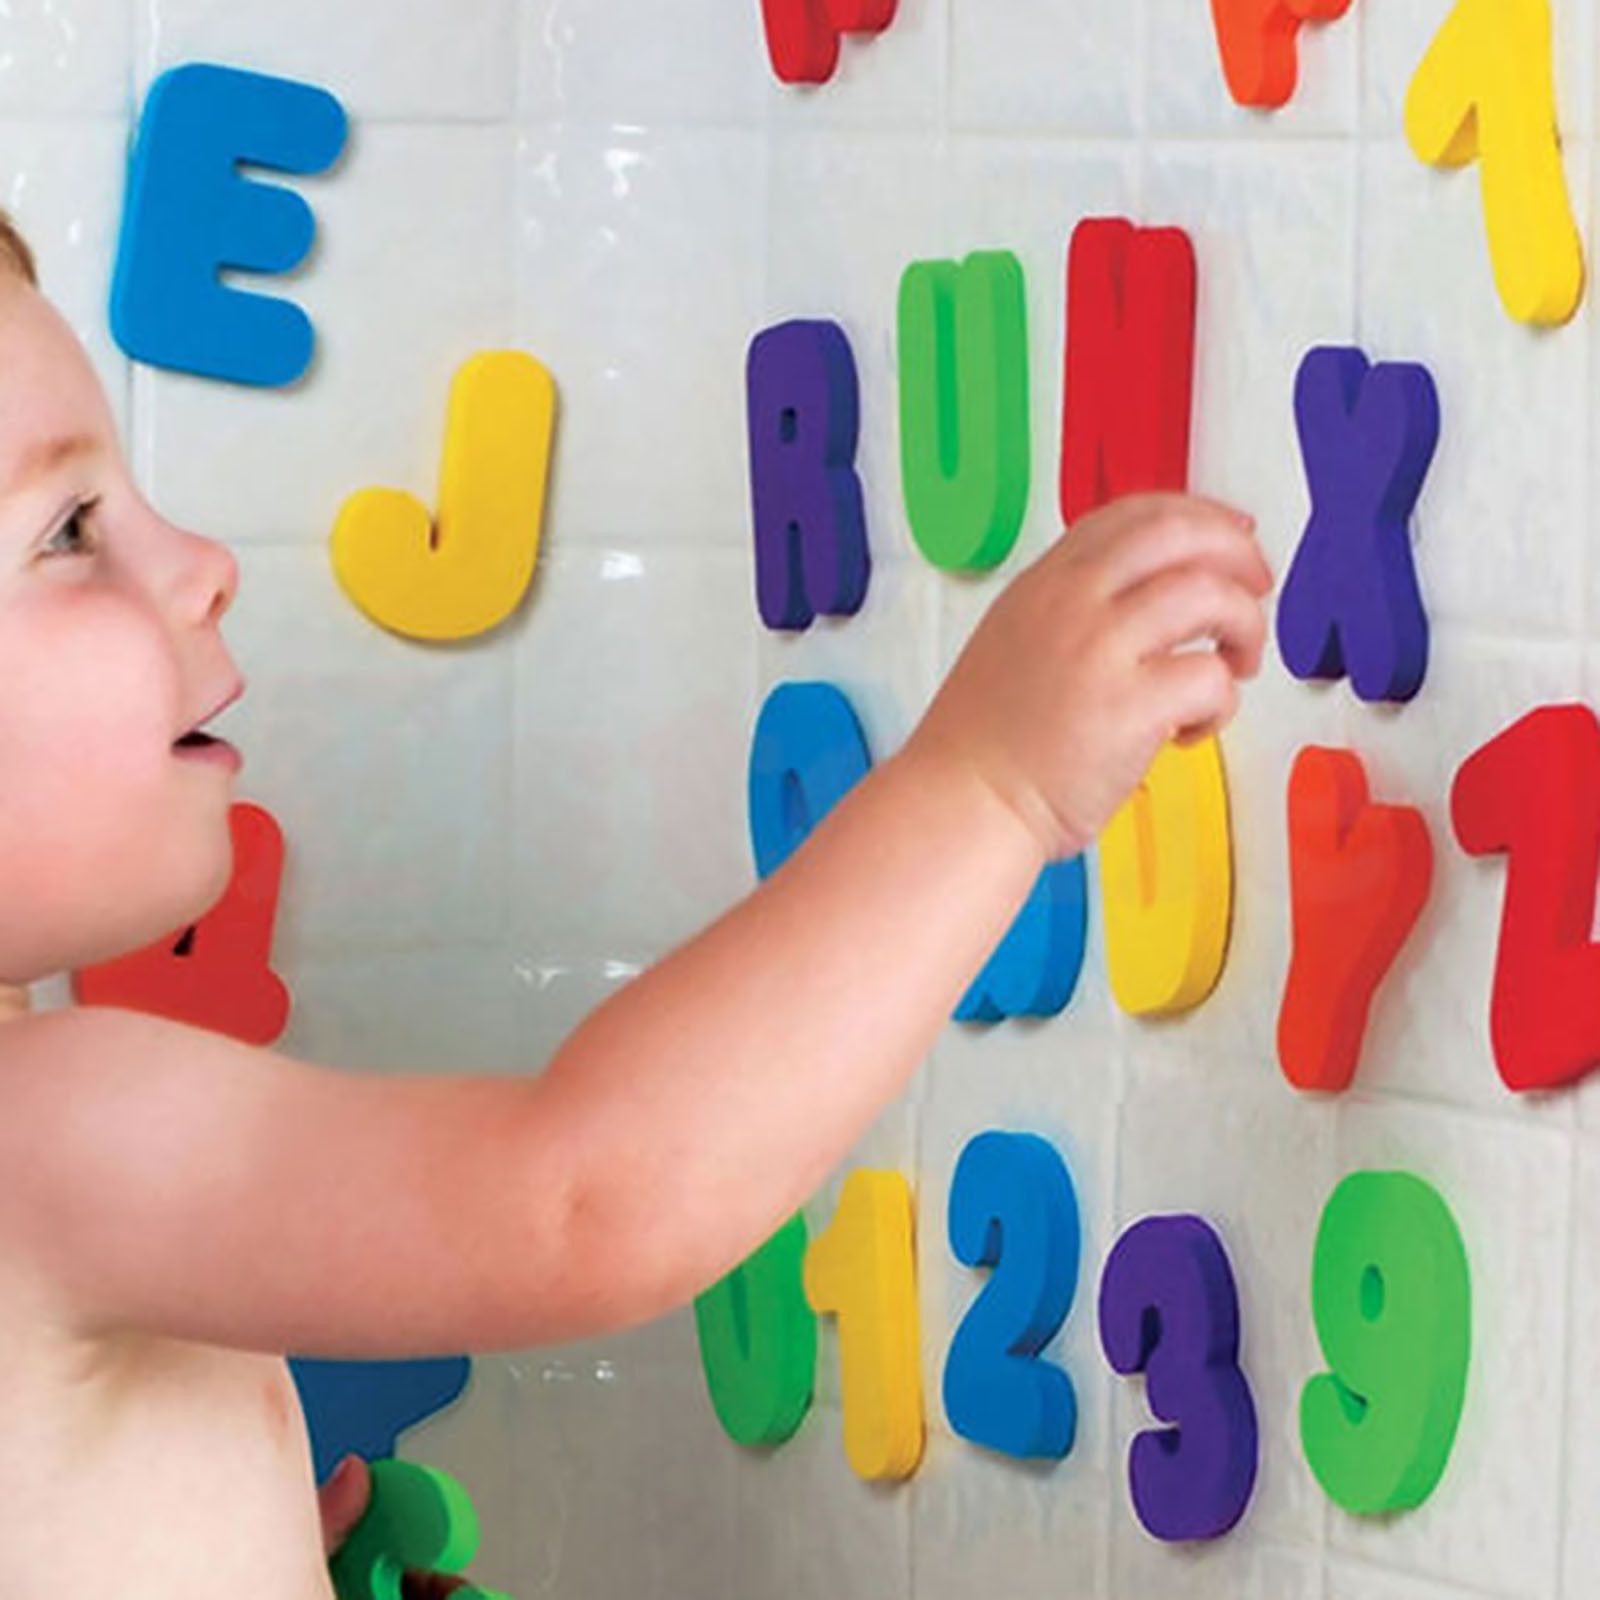 Набор букв алфавита 26 шт. + 10 шт., многоцветные пенопластовые буквы с цифрами, настольное украшение для детей и детей, игрушки для ванной